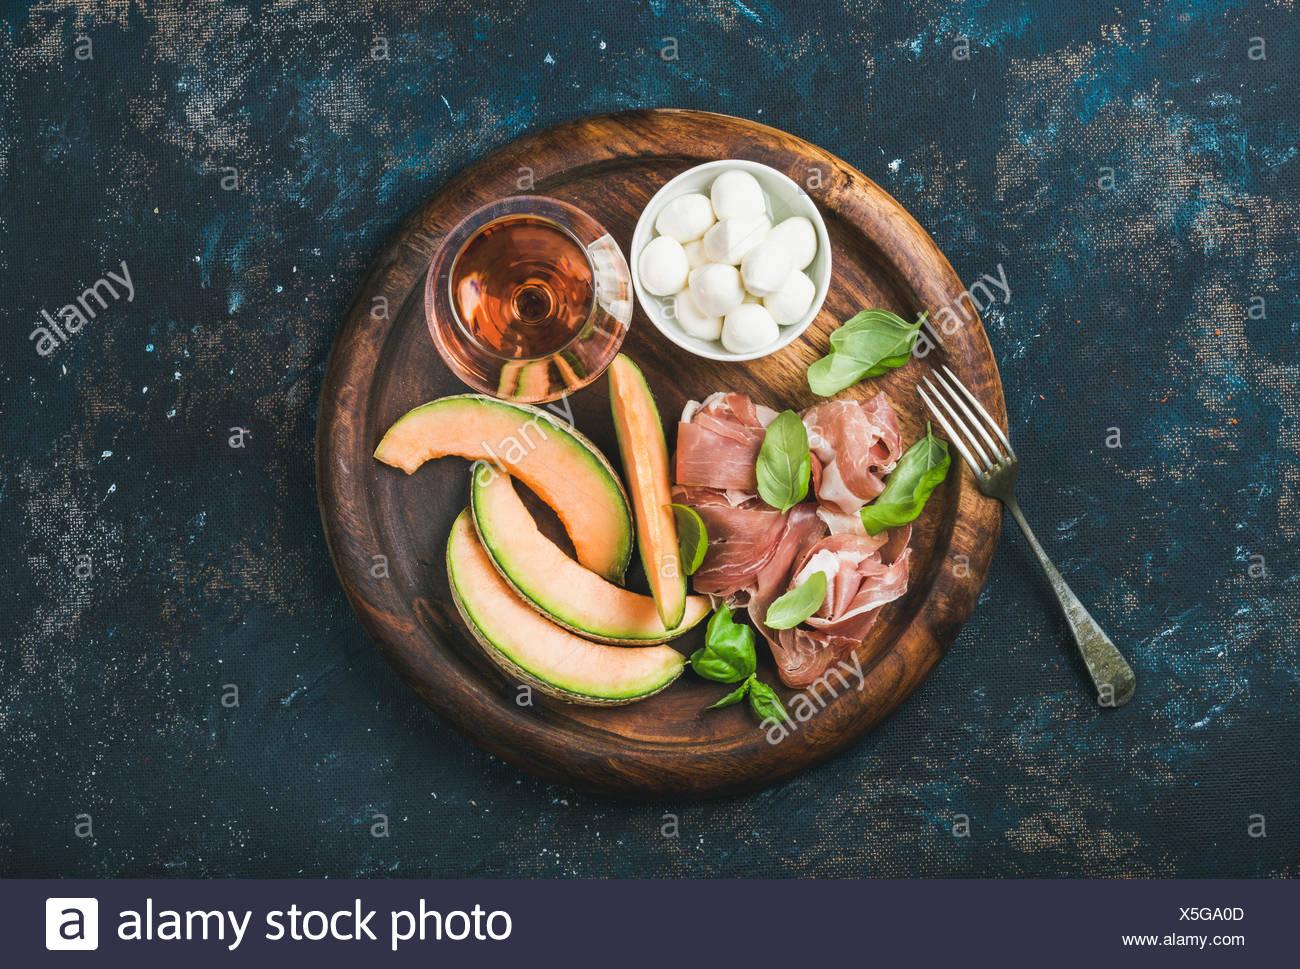 Il Prosciutto di Parma e melone Cantalupo, mozzarella in una terrina di foglie di basilico fresco e un bicchiere di vino rosato di round che serve tra Immagini Stock